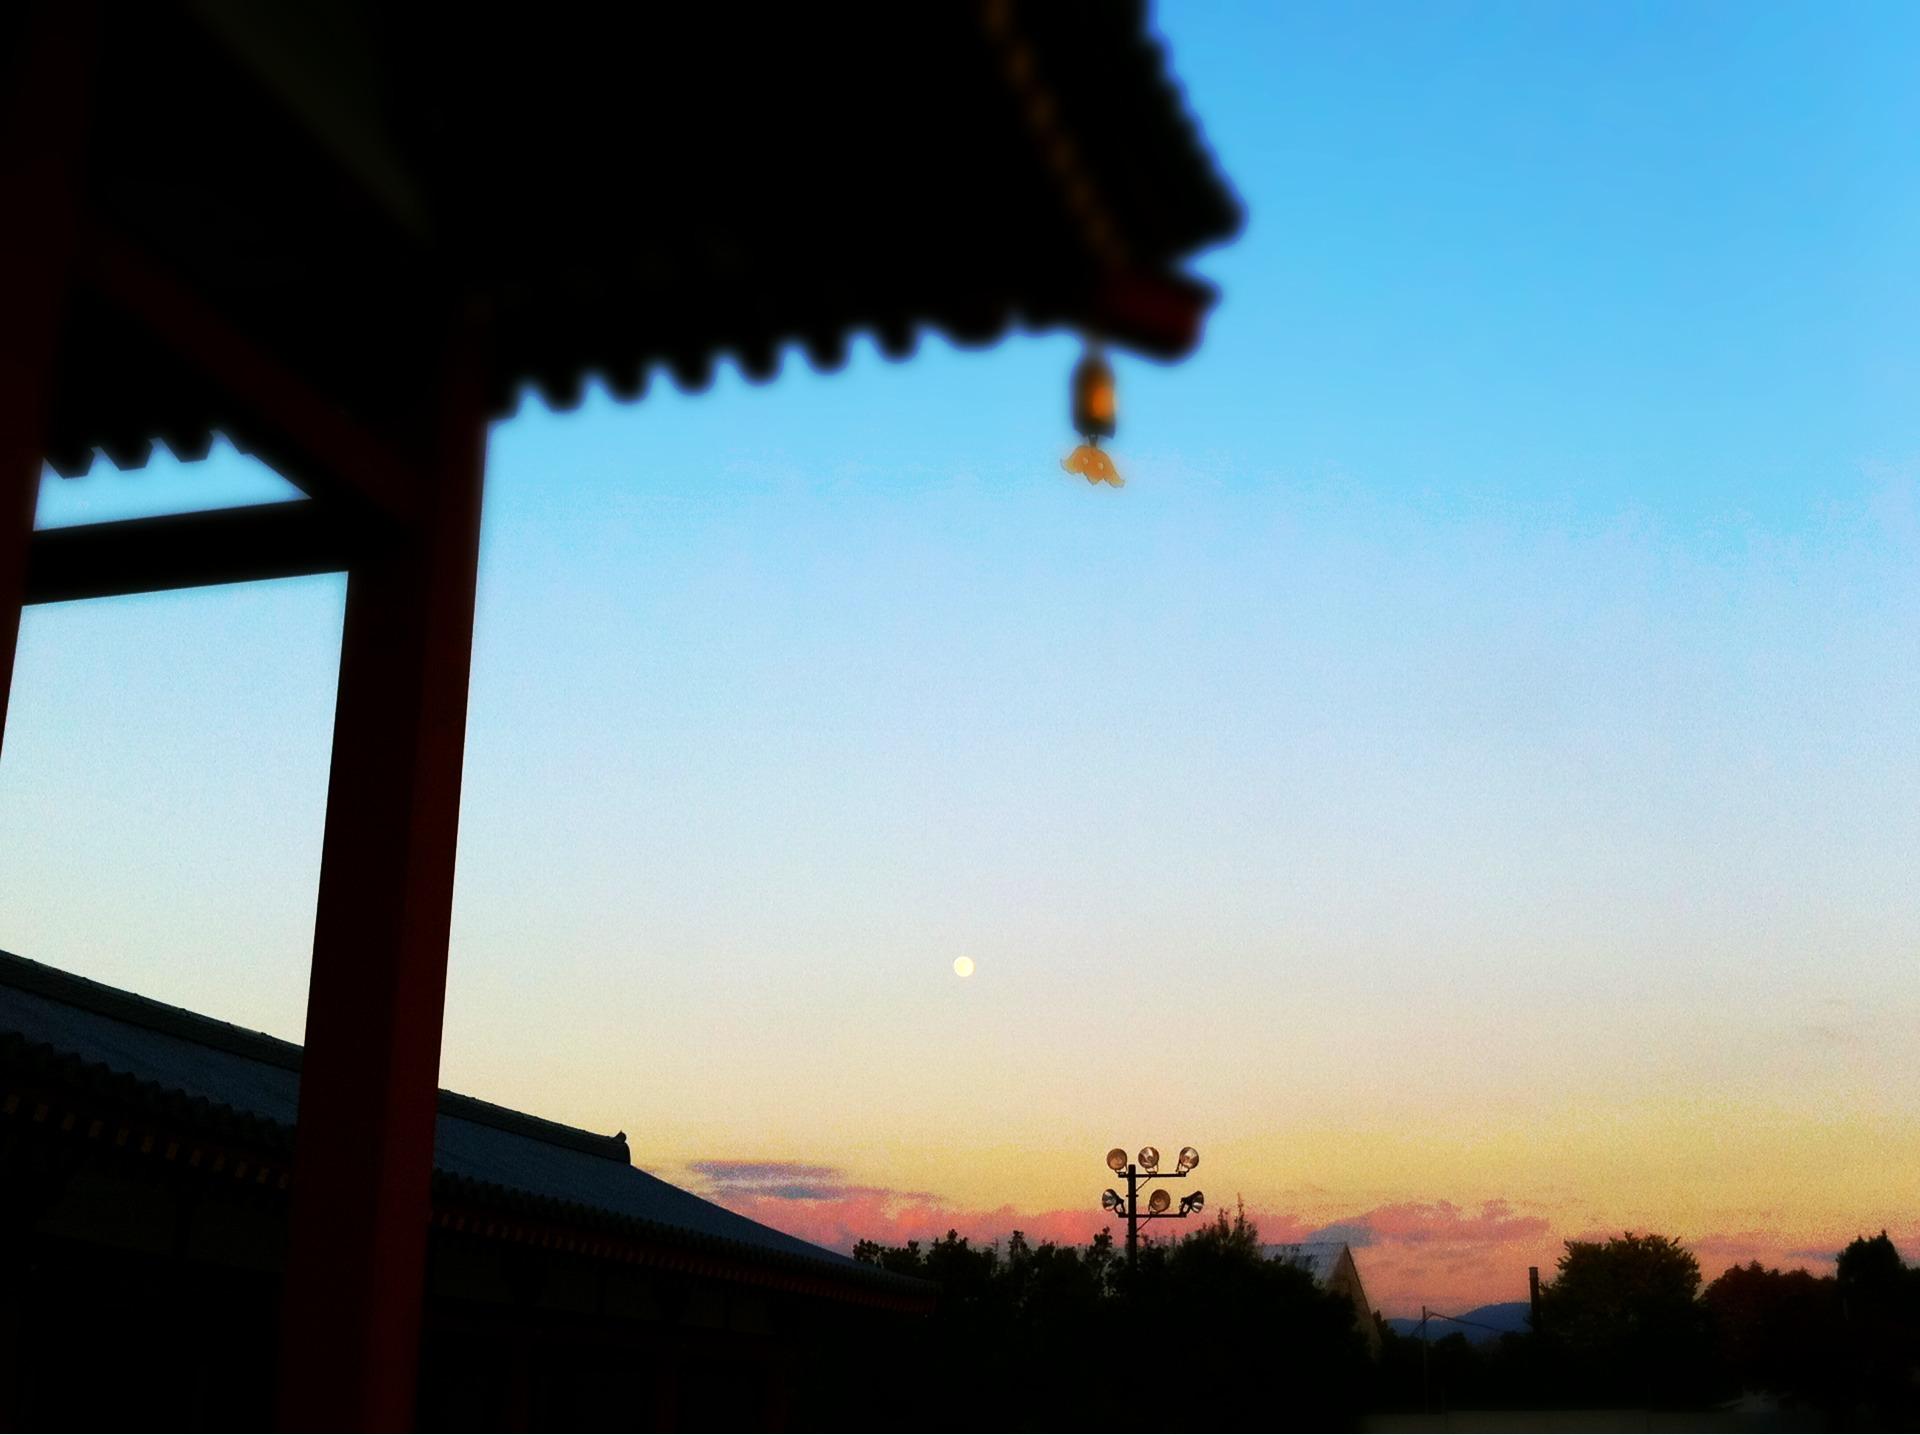 薬師寺には月が昇っていました